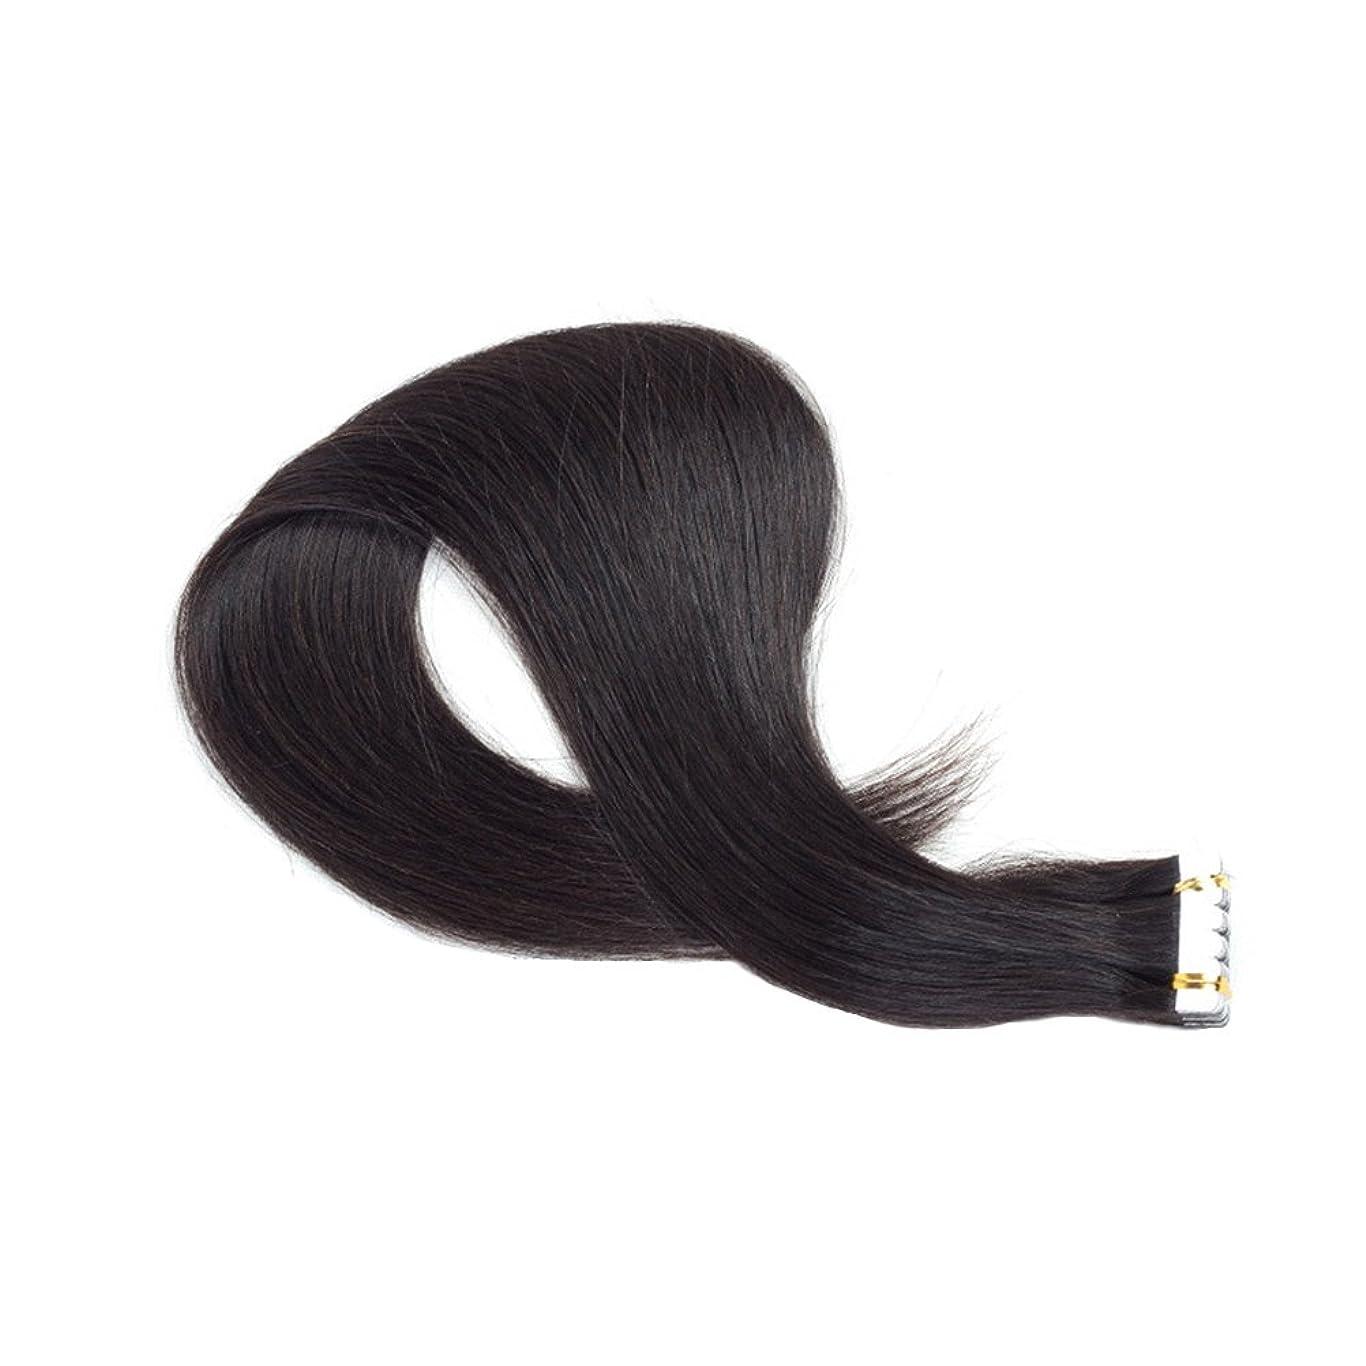 ビタミンバスタブに対処するHealifty 女性のための本物の人間の毛髪延長絹のようなストレートのヘアーテープ(黒レミーの髪)55CM